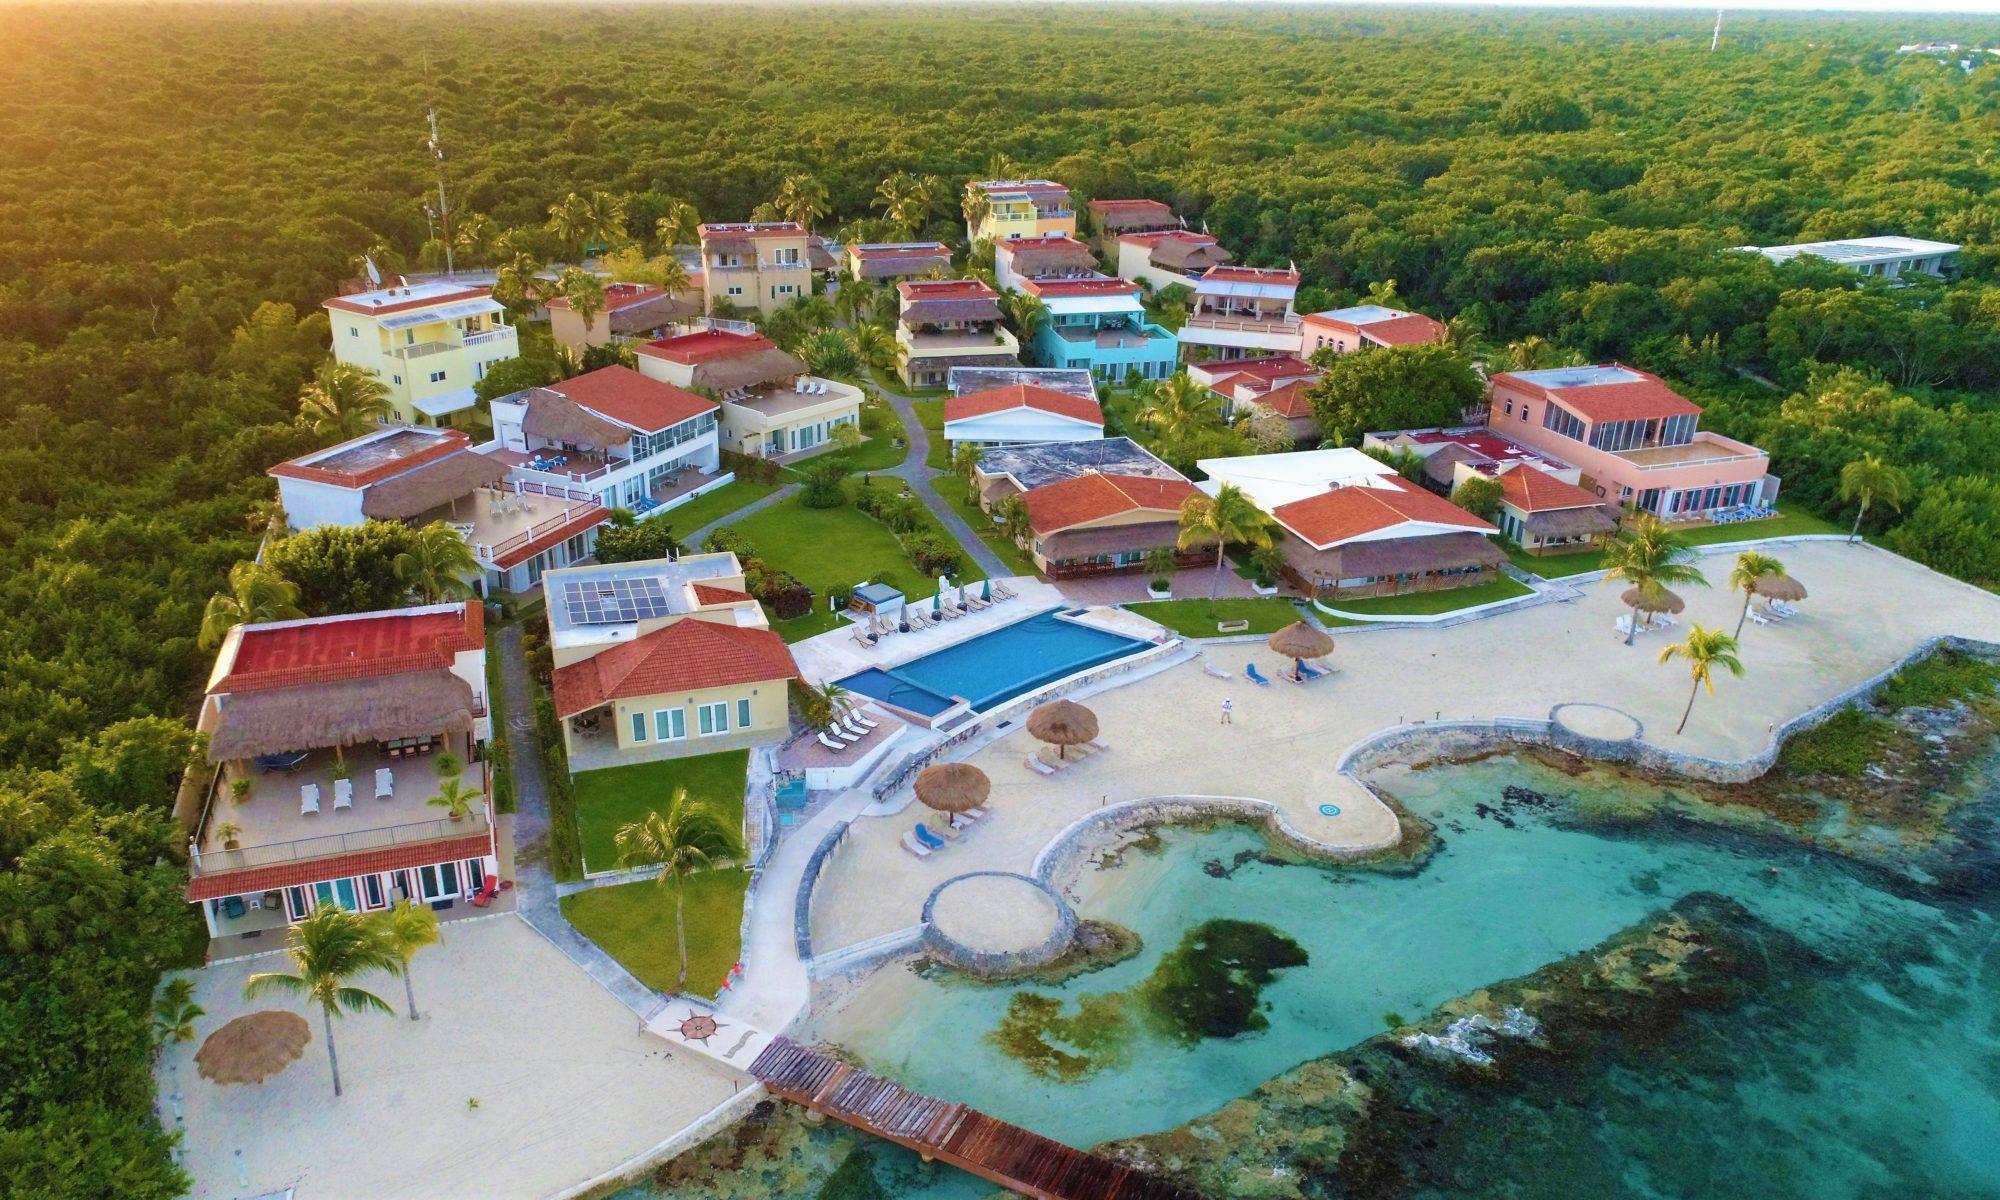 Costa Del Sol Cozumel: A Beachfront Community